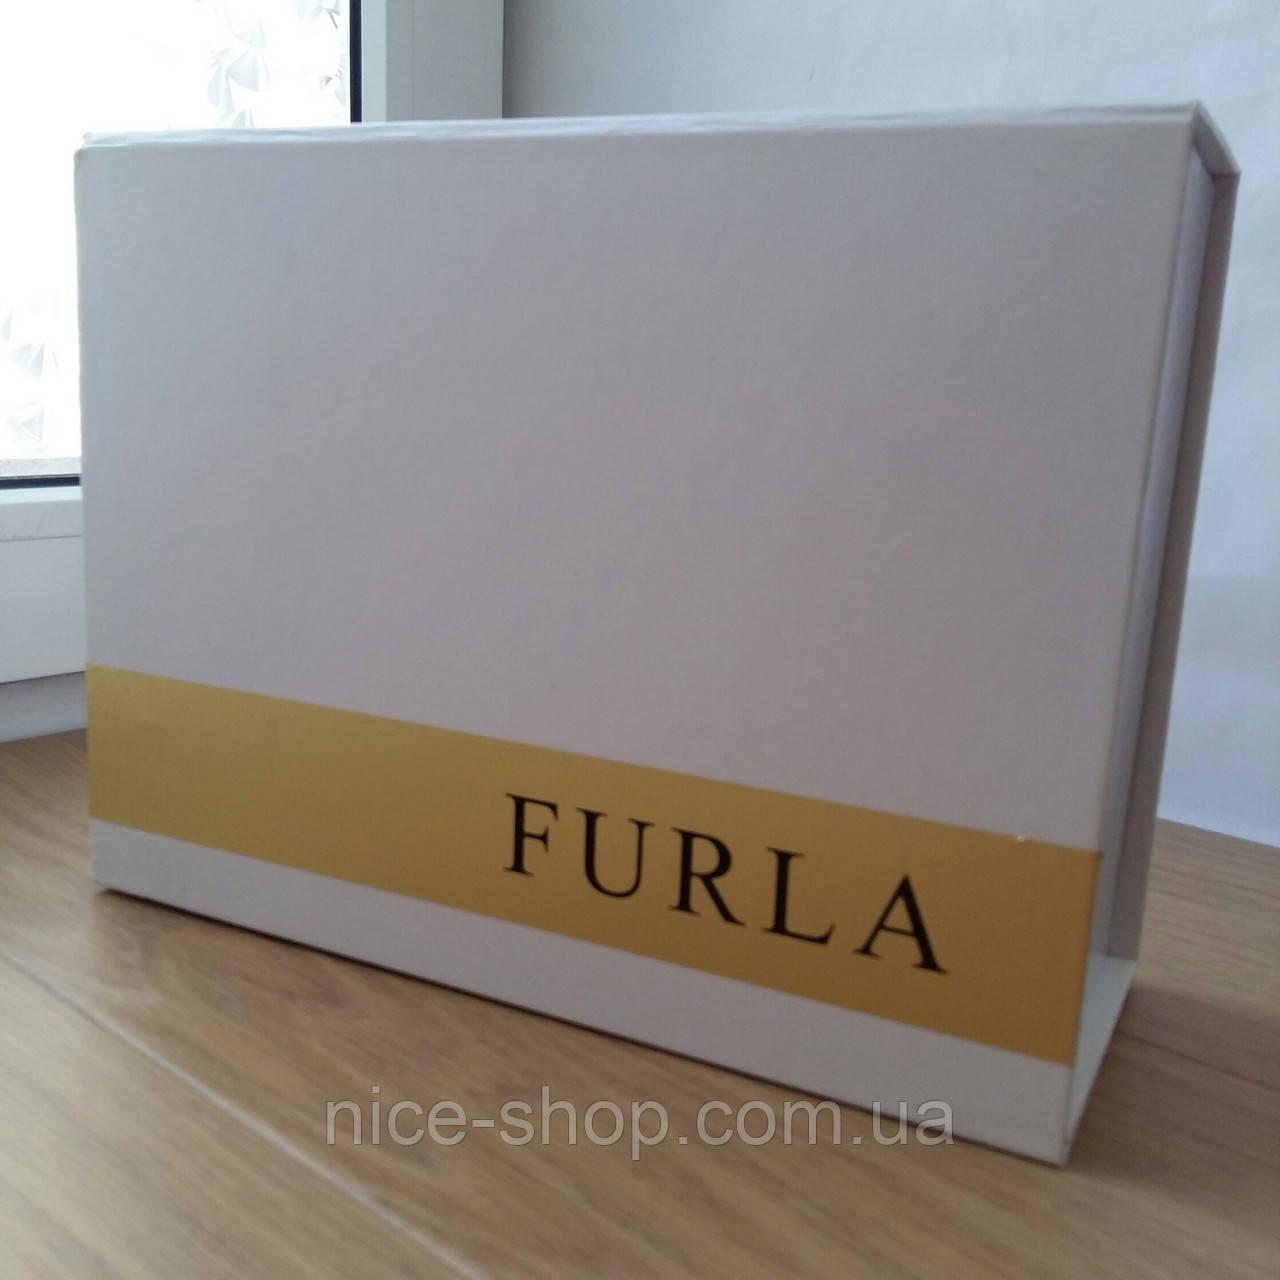 Подарочная коробка Furla mini